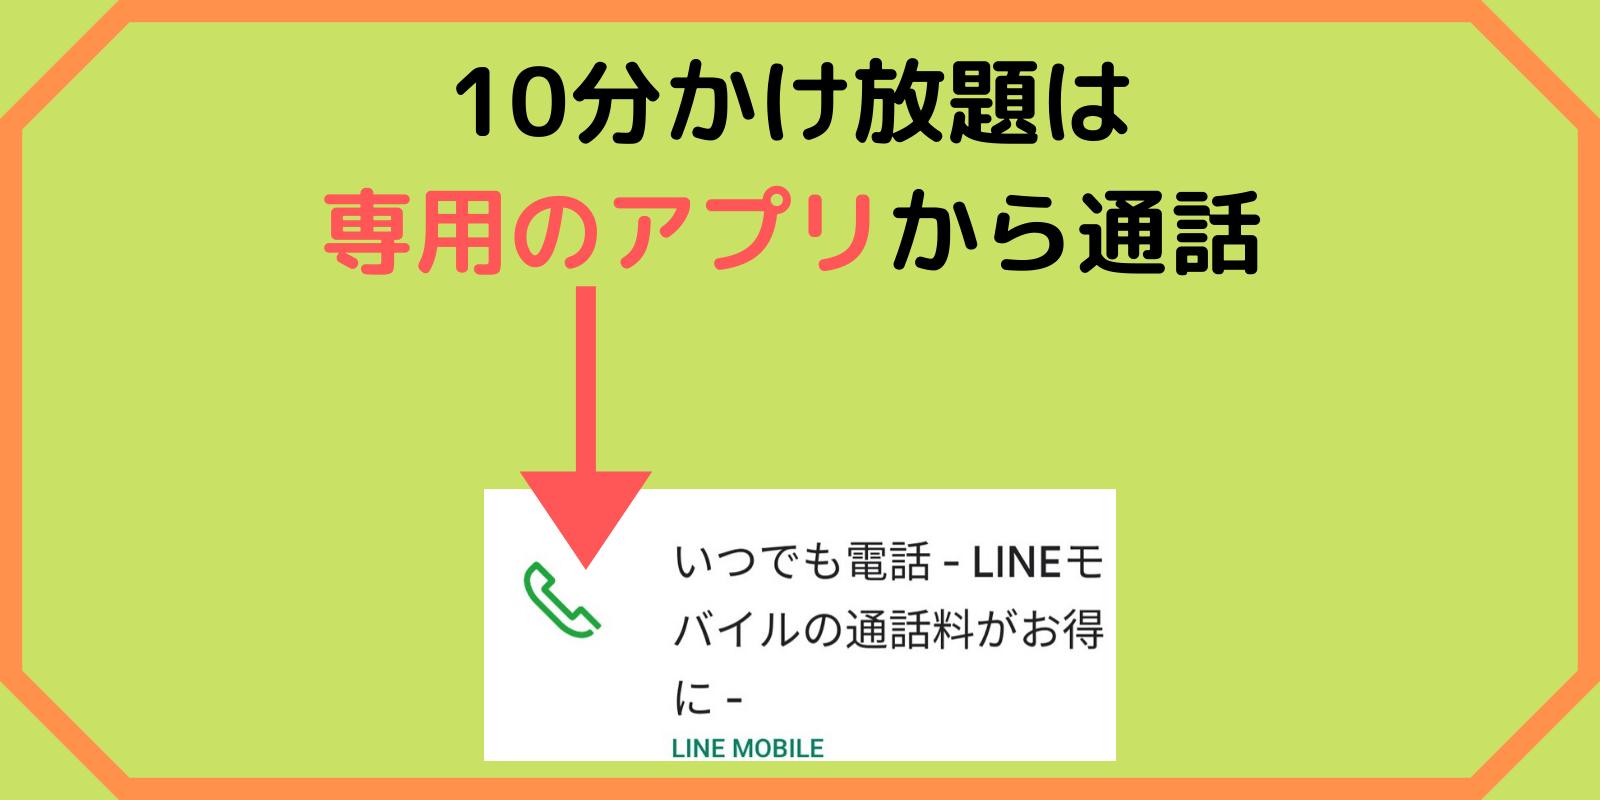 LINEモバイルの10分かけ放題はいつでも電話から